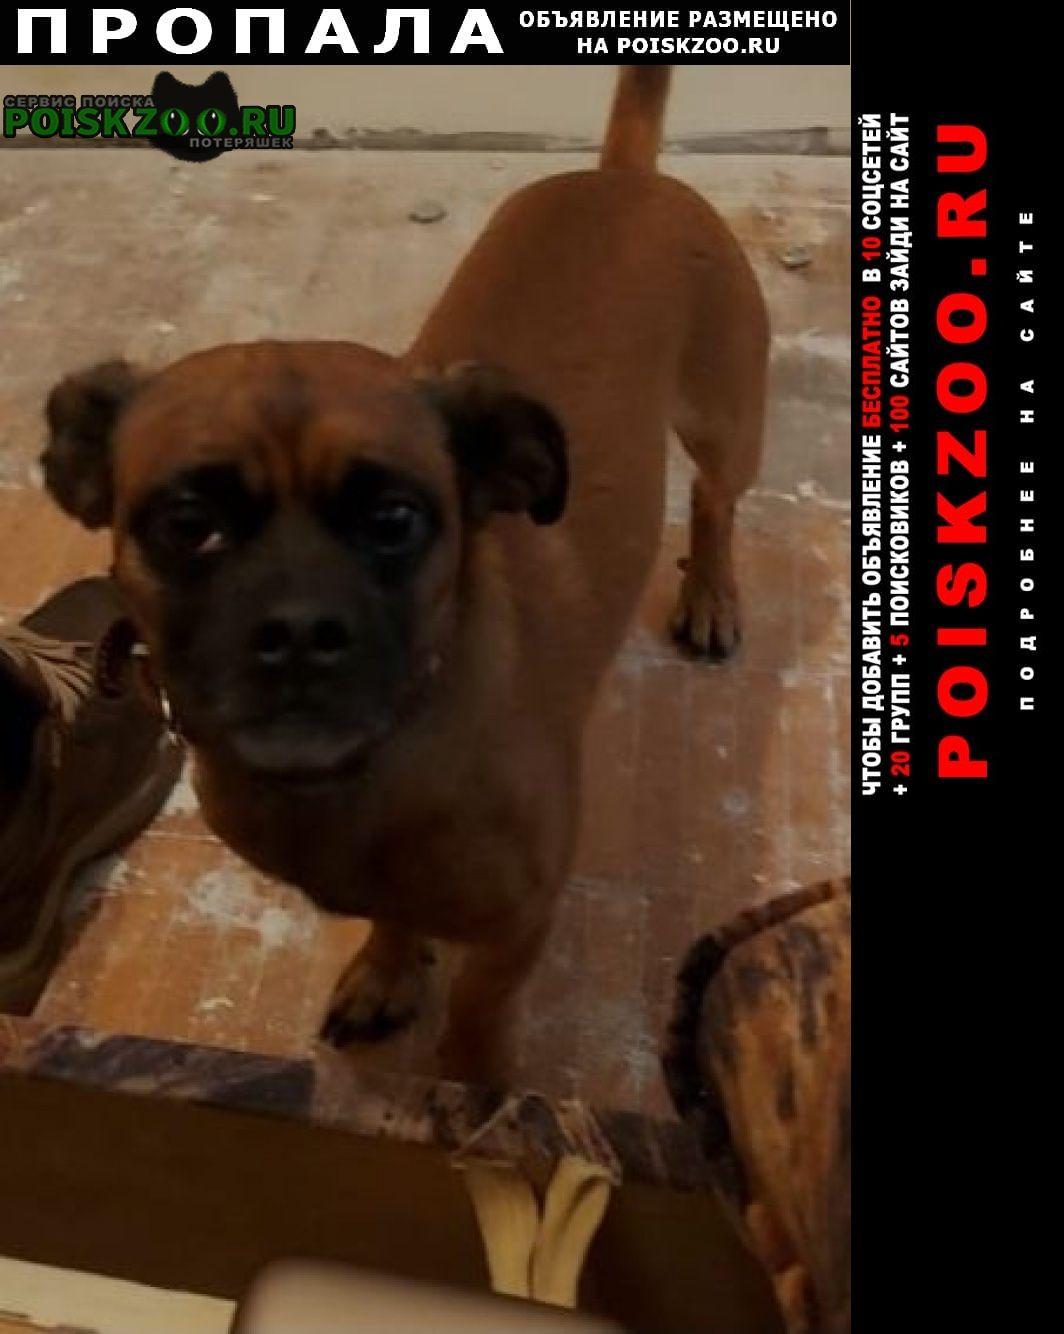 Пропала собака вао, в районе метро щёлковская Москва